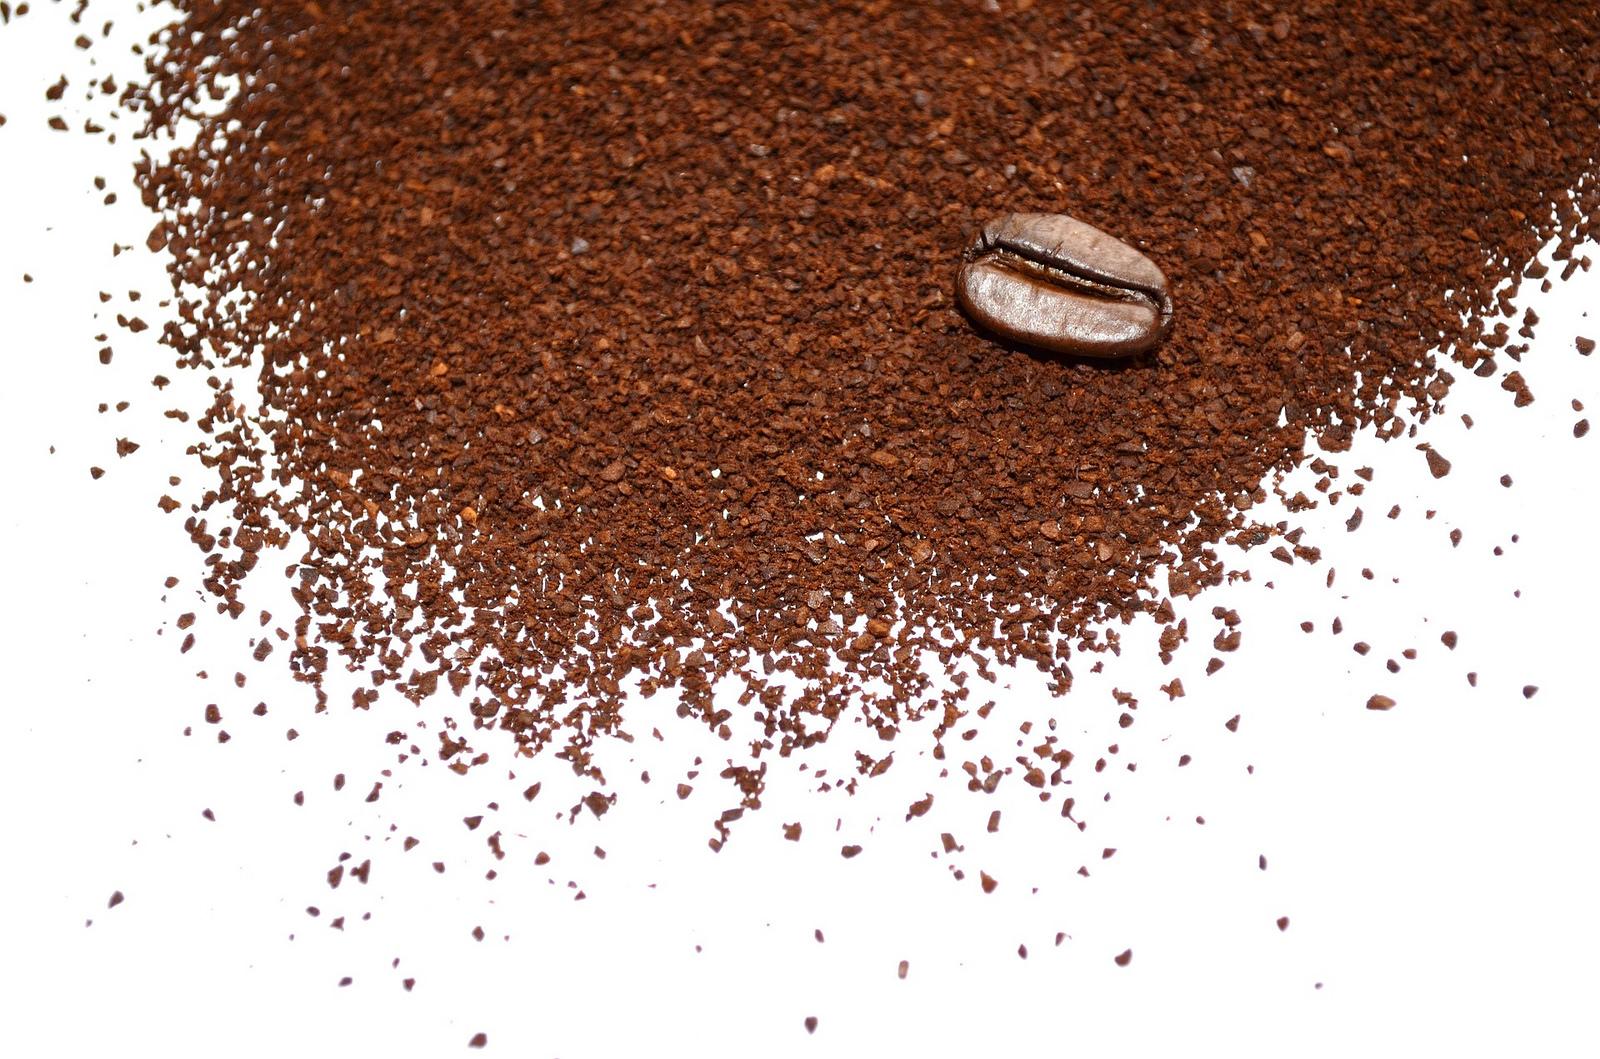 Usos del café molido